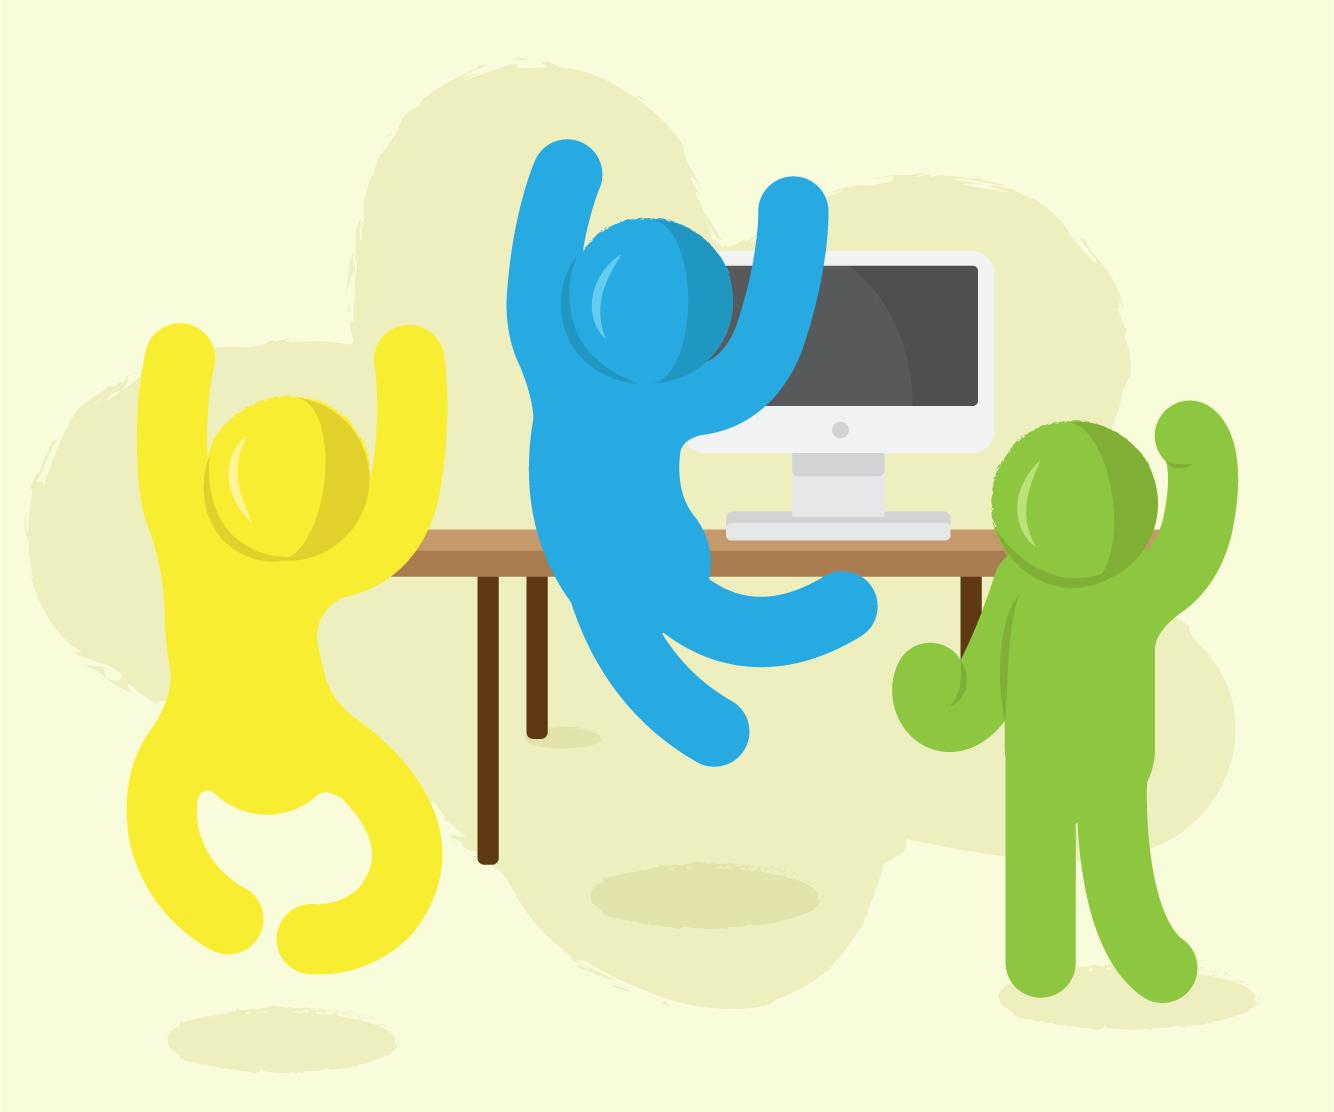 teamfluent-blogpost-illustration-11